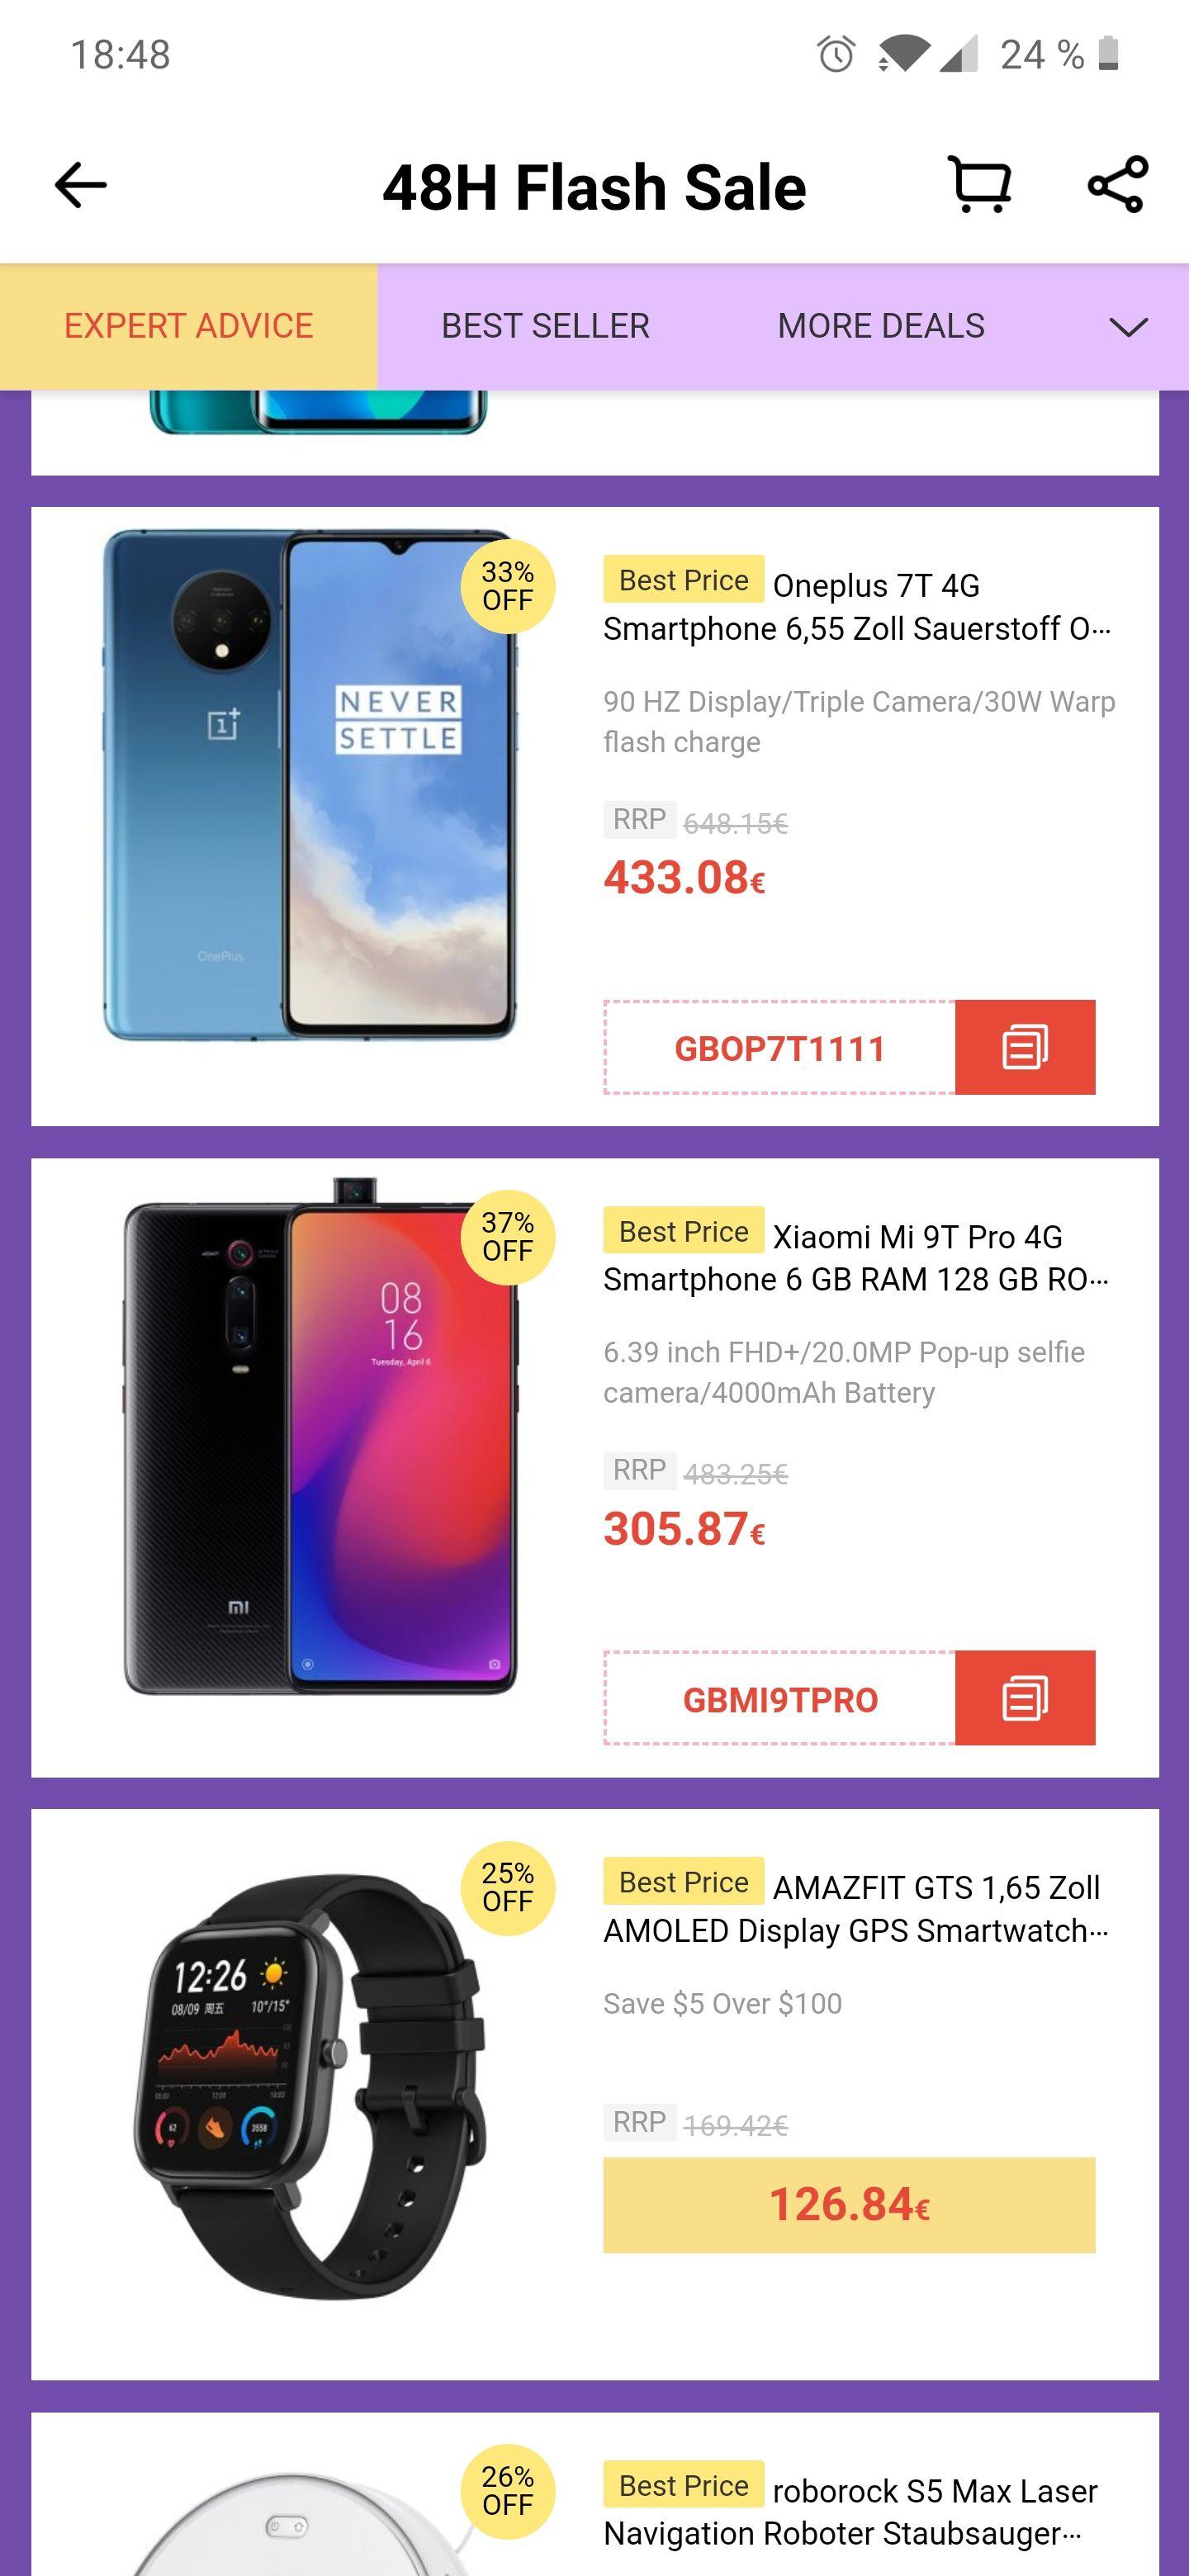 Xiaomi Mi 9T Pro, 6GB Ram, 128GB Rom